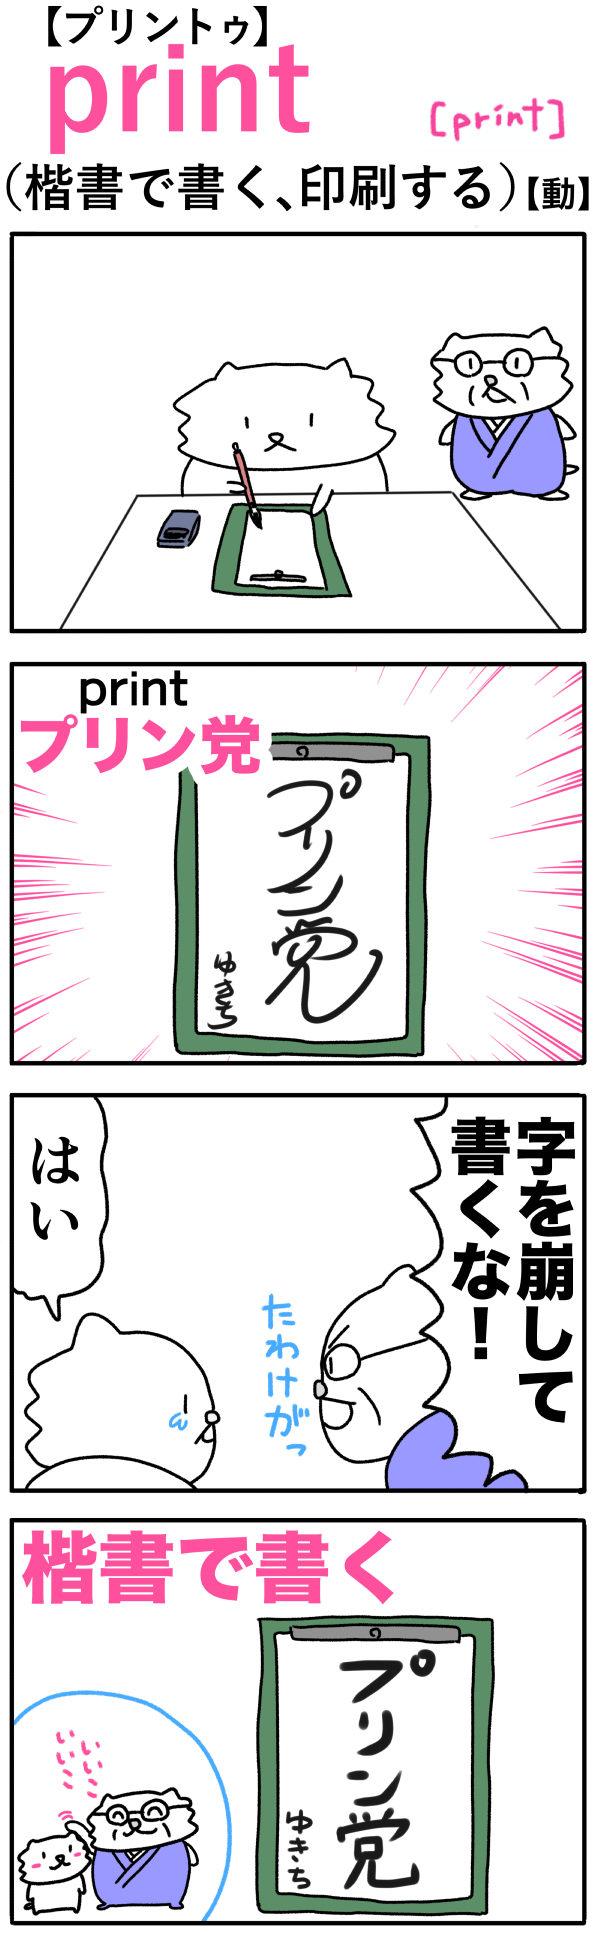 print(楷書で書く)の語呂合わせ英単語